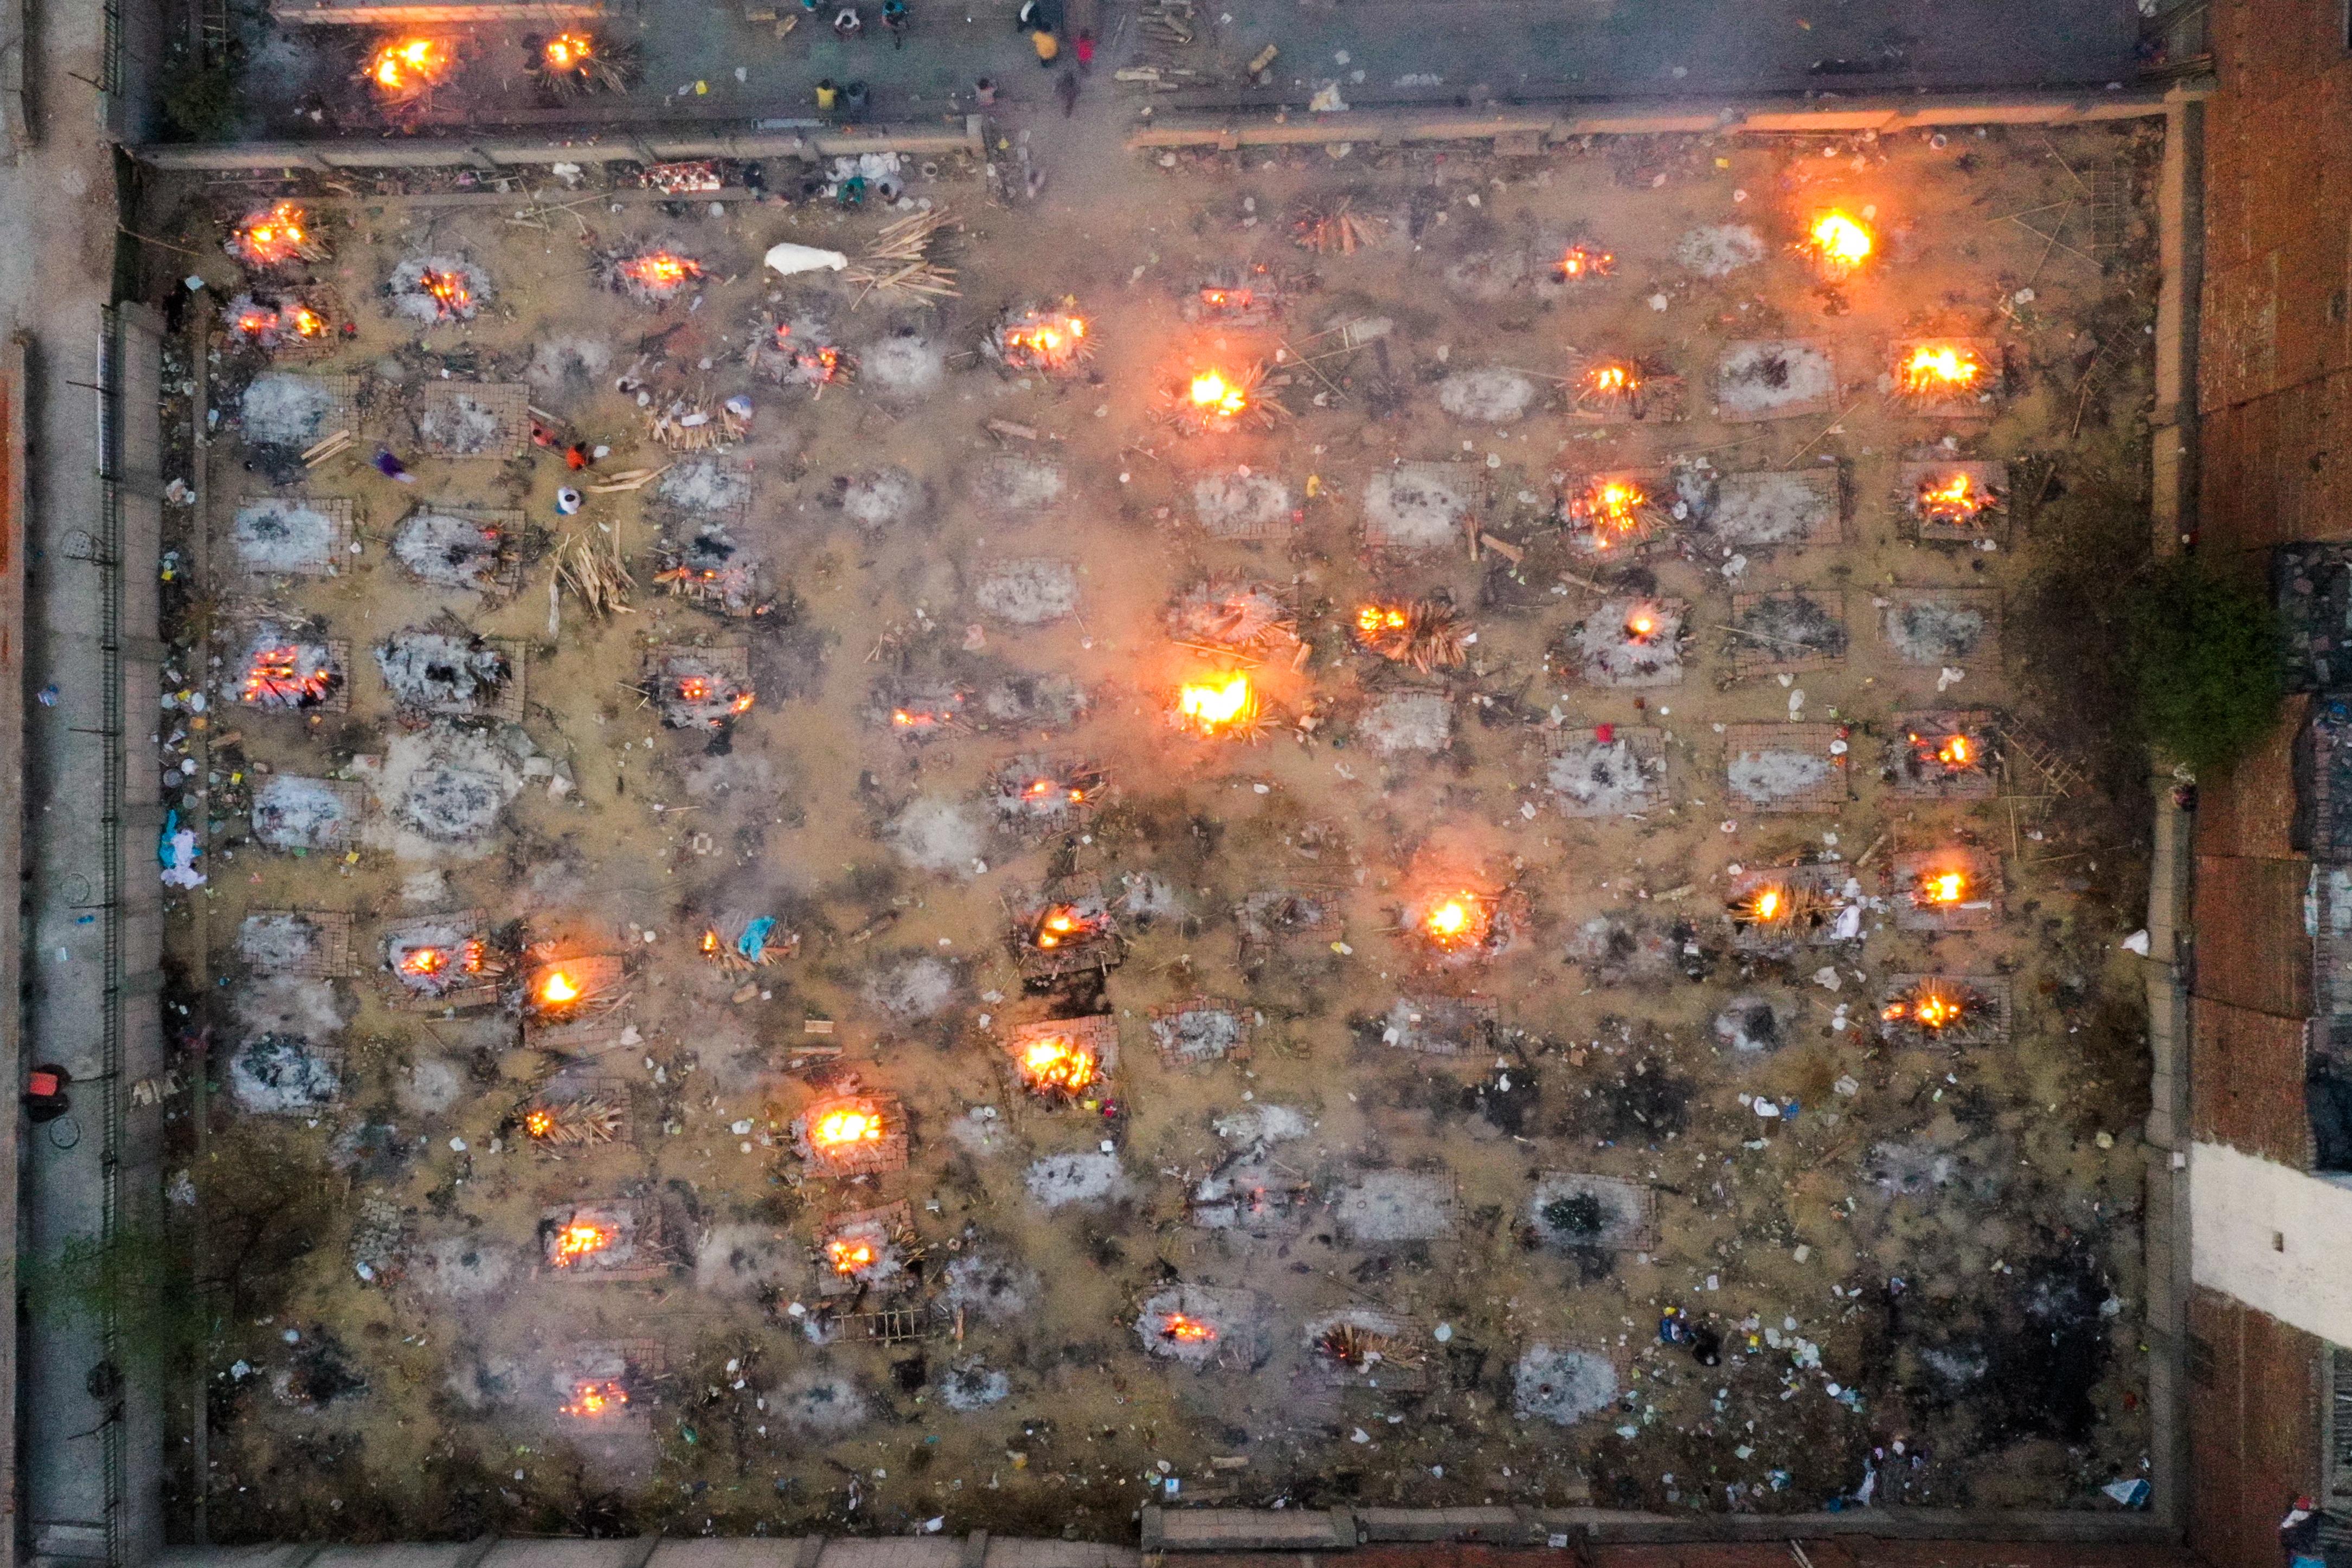 Annyira sok áldozata van a járványnak Delhiben, hogy máglyákat kellett építeni a városban